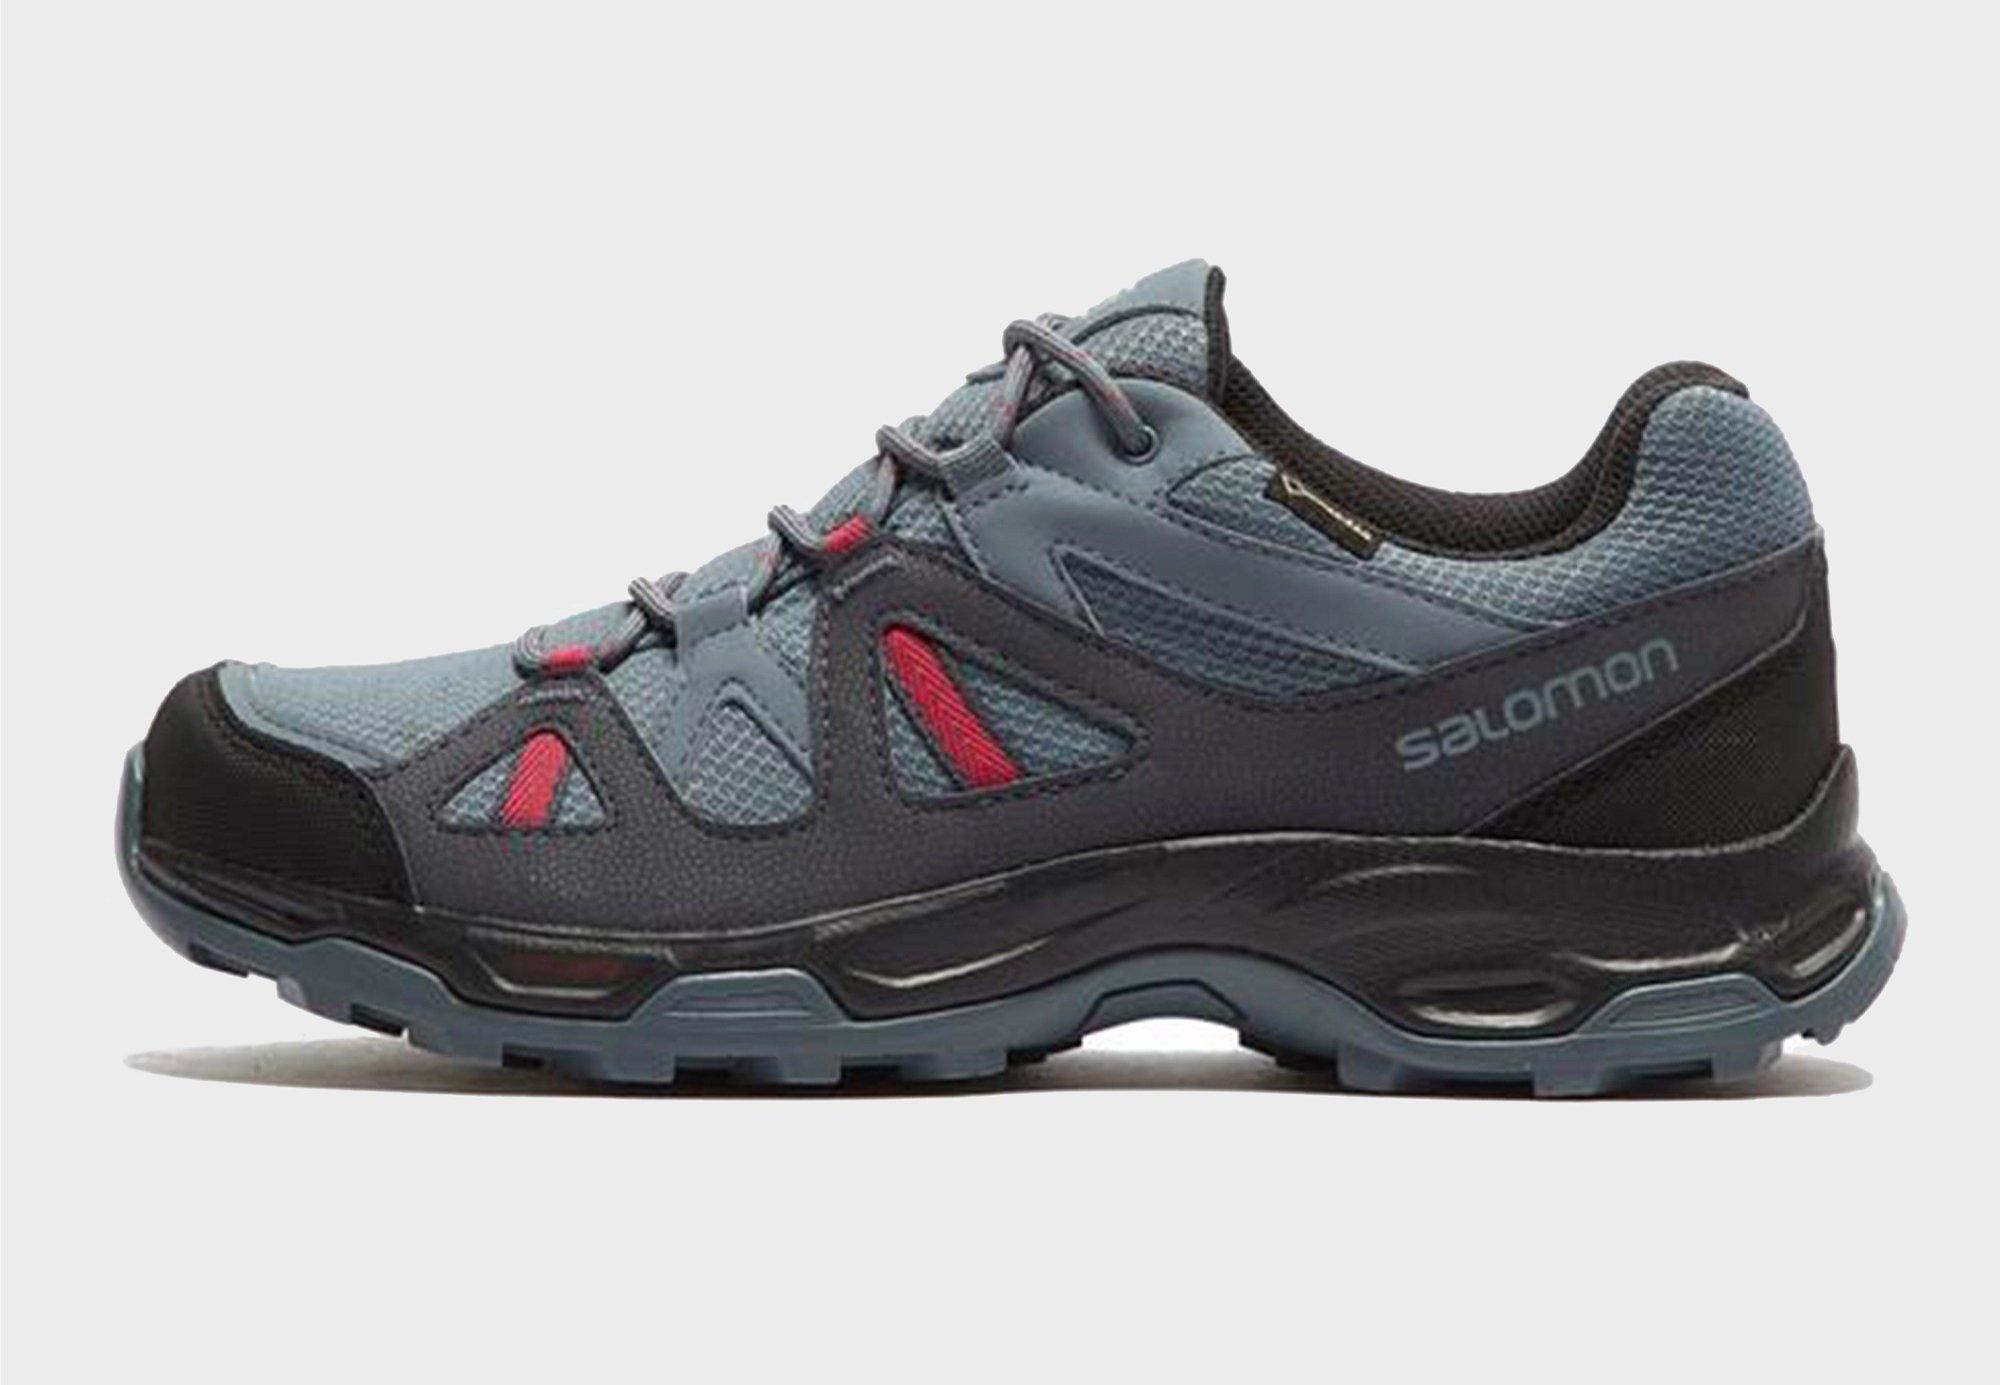 Salomon Rhossili Gore Tex Hiking Shoes